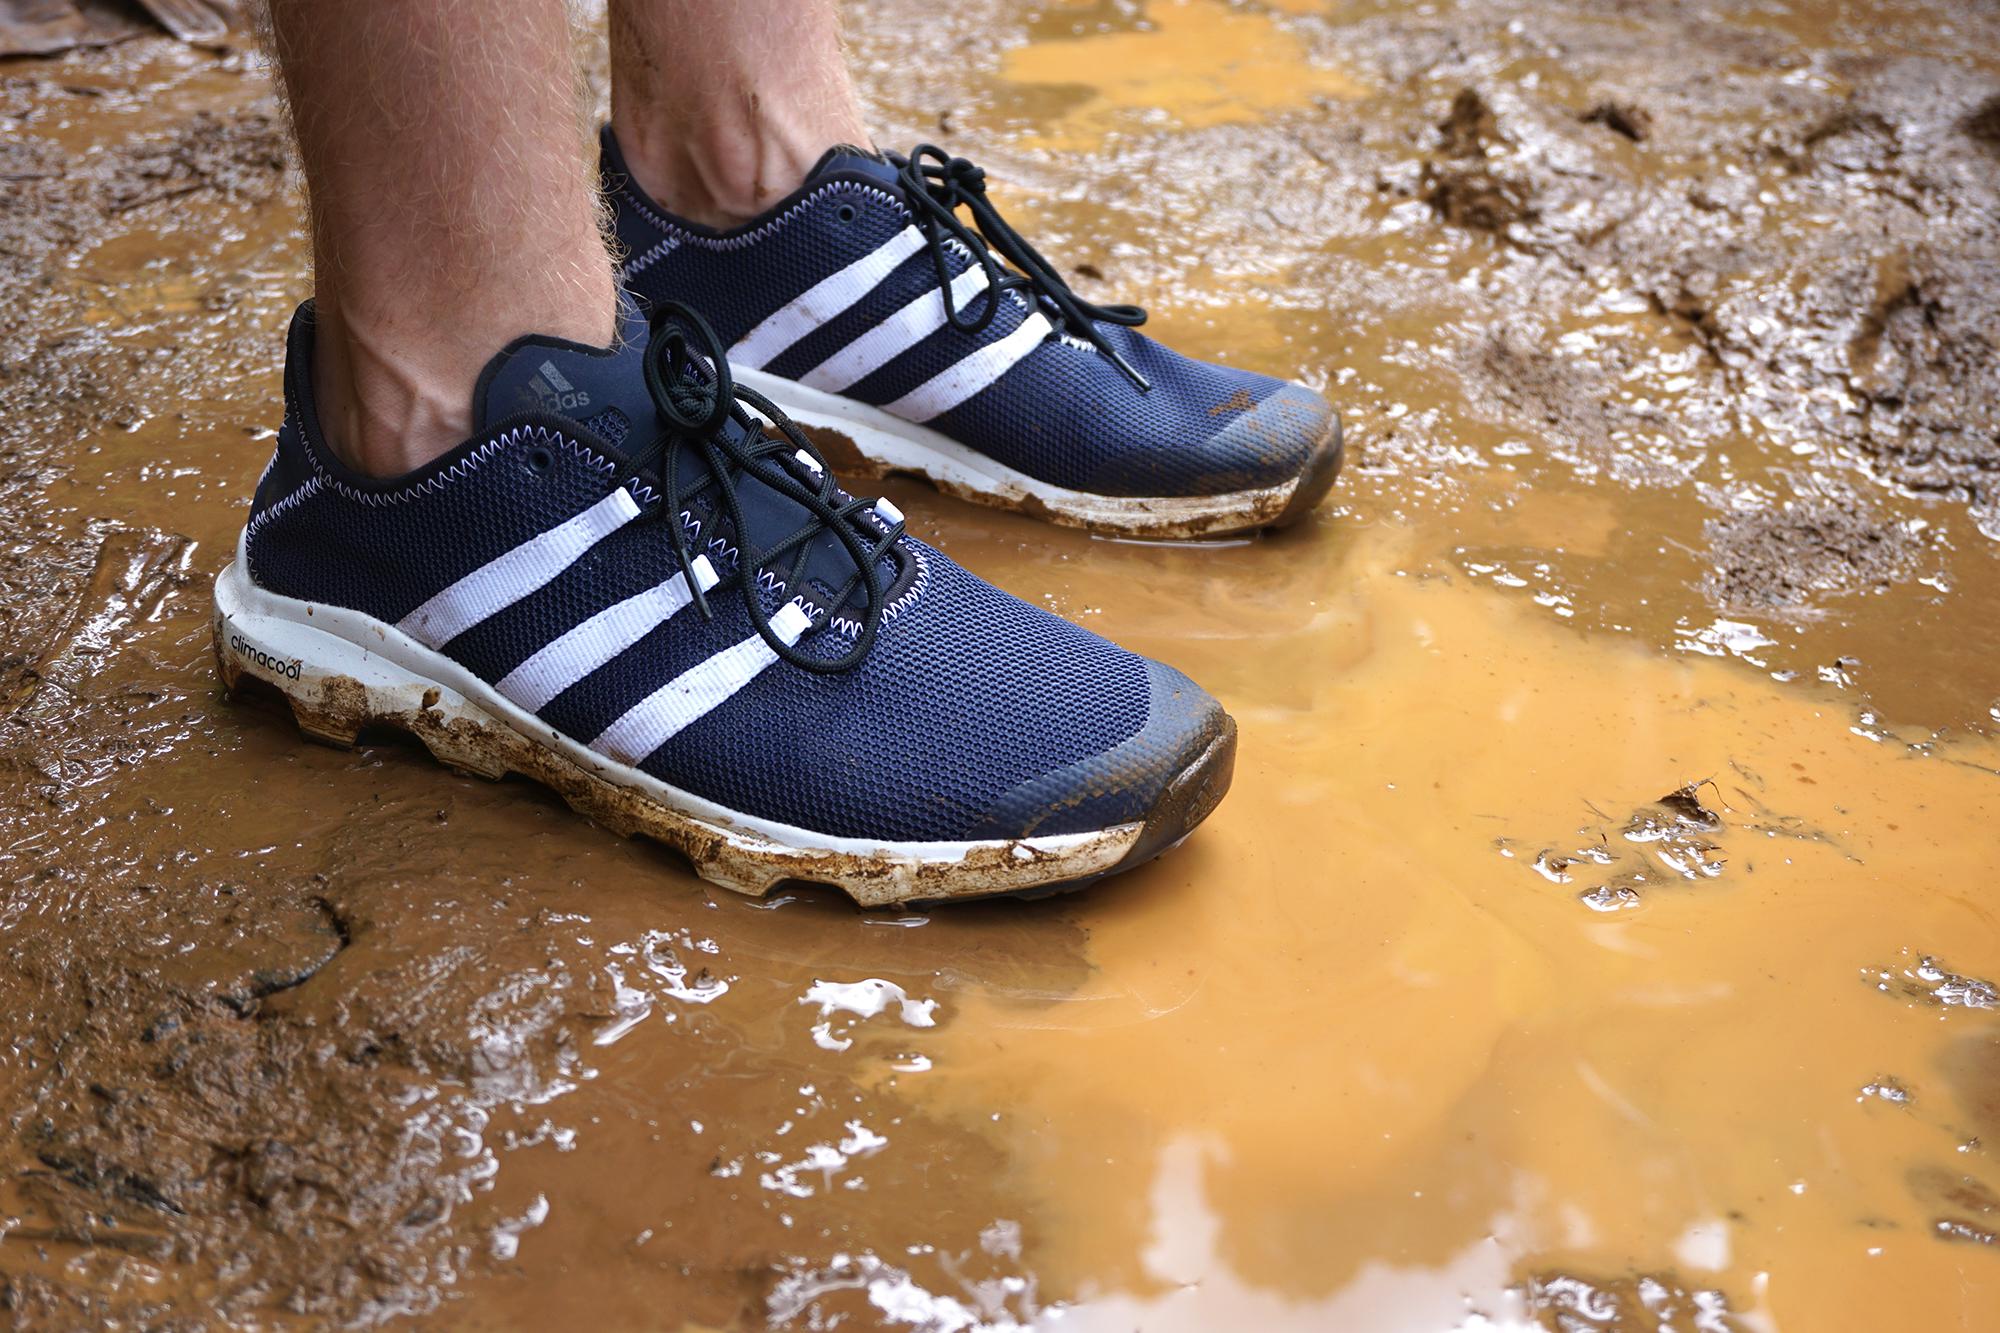 Adidas Terrex Climacool Voyager Napali Coast | Gearminded